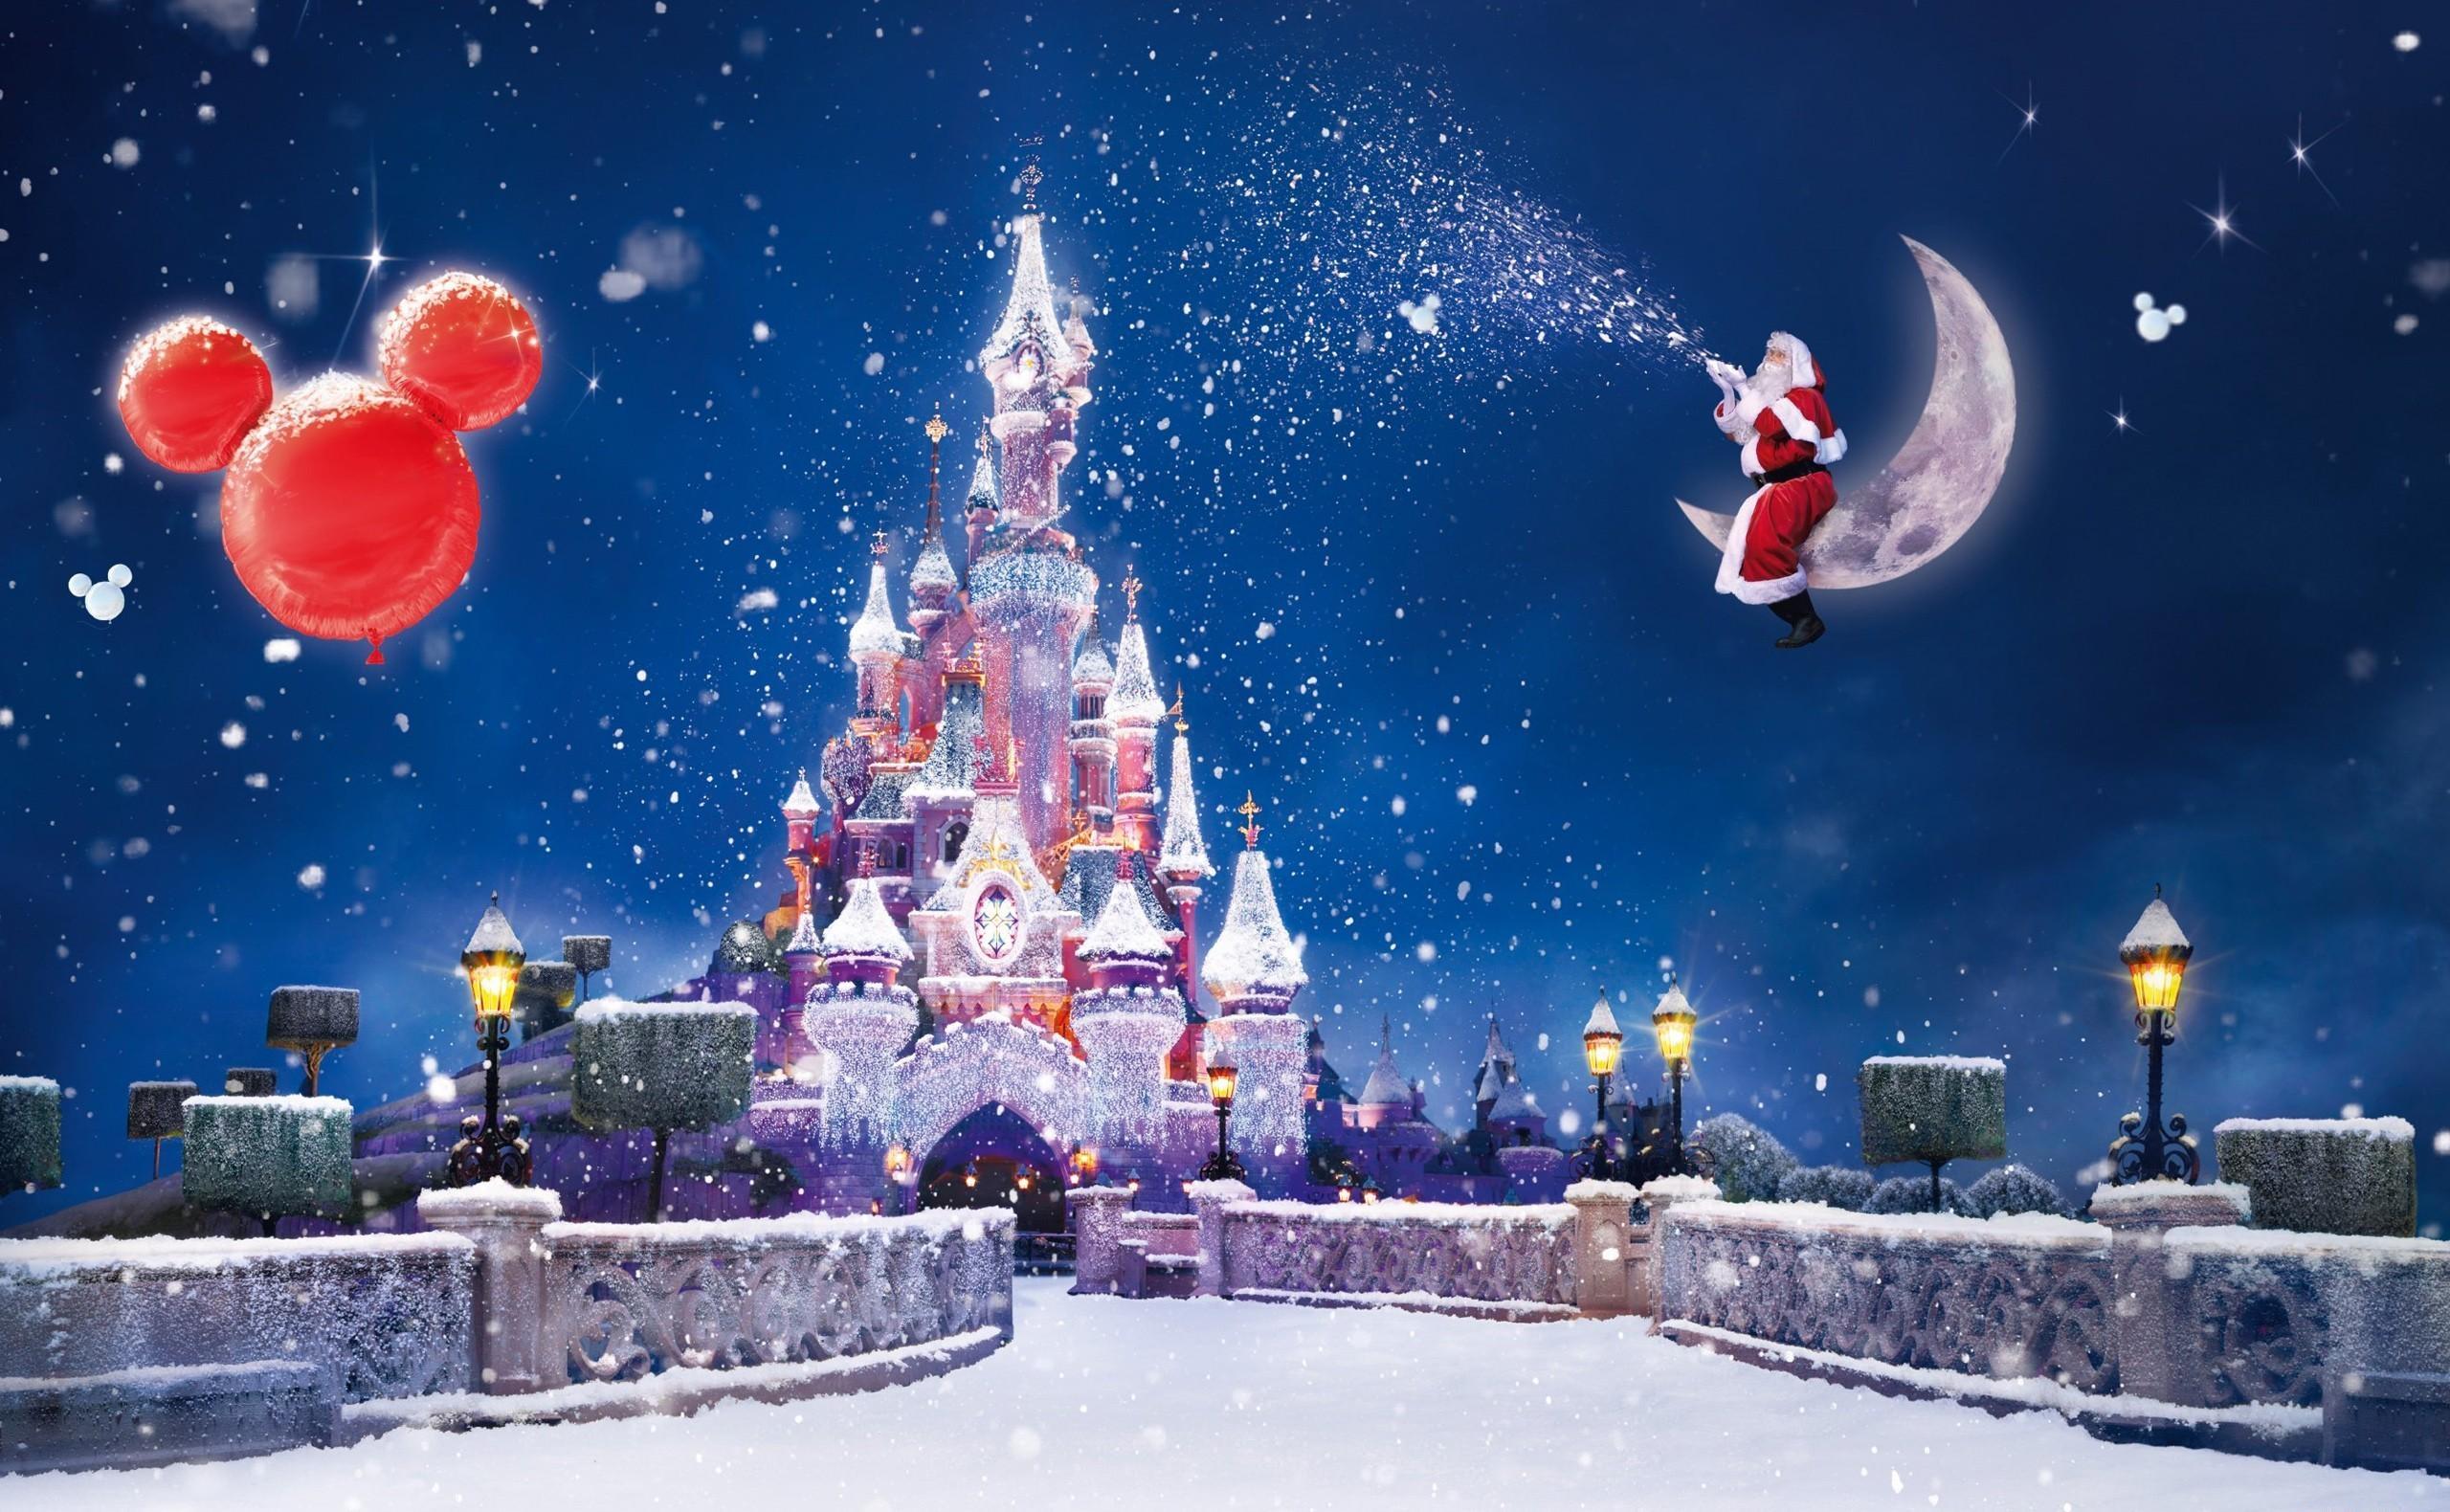 124798 скачать обои Праздники, Санта Клаус, Волшебство, Луна, Снег, Замок, Праздник, Рождество, Воздушные Шары - заставки и картинки бесплатно